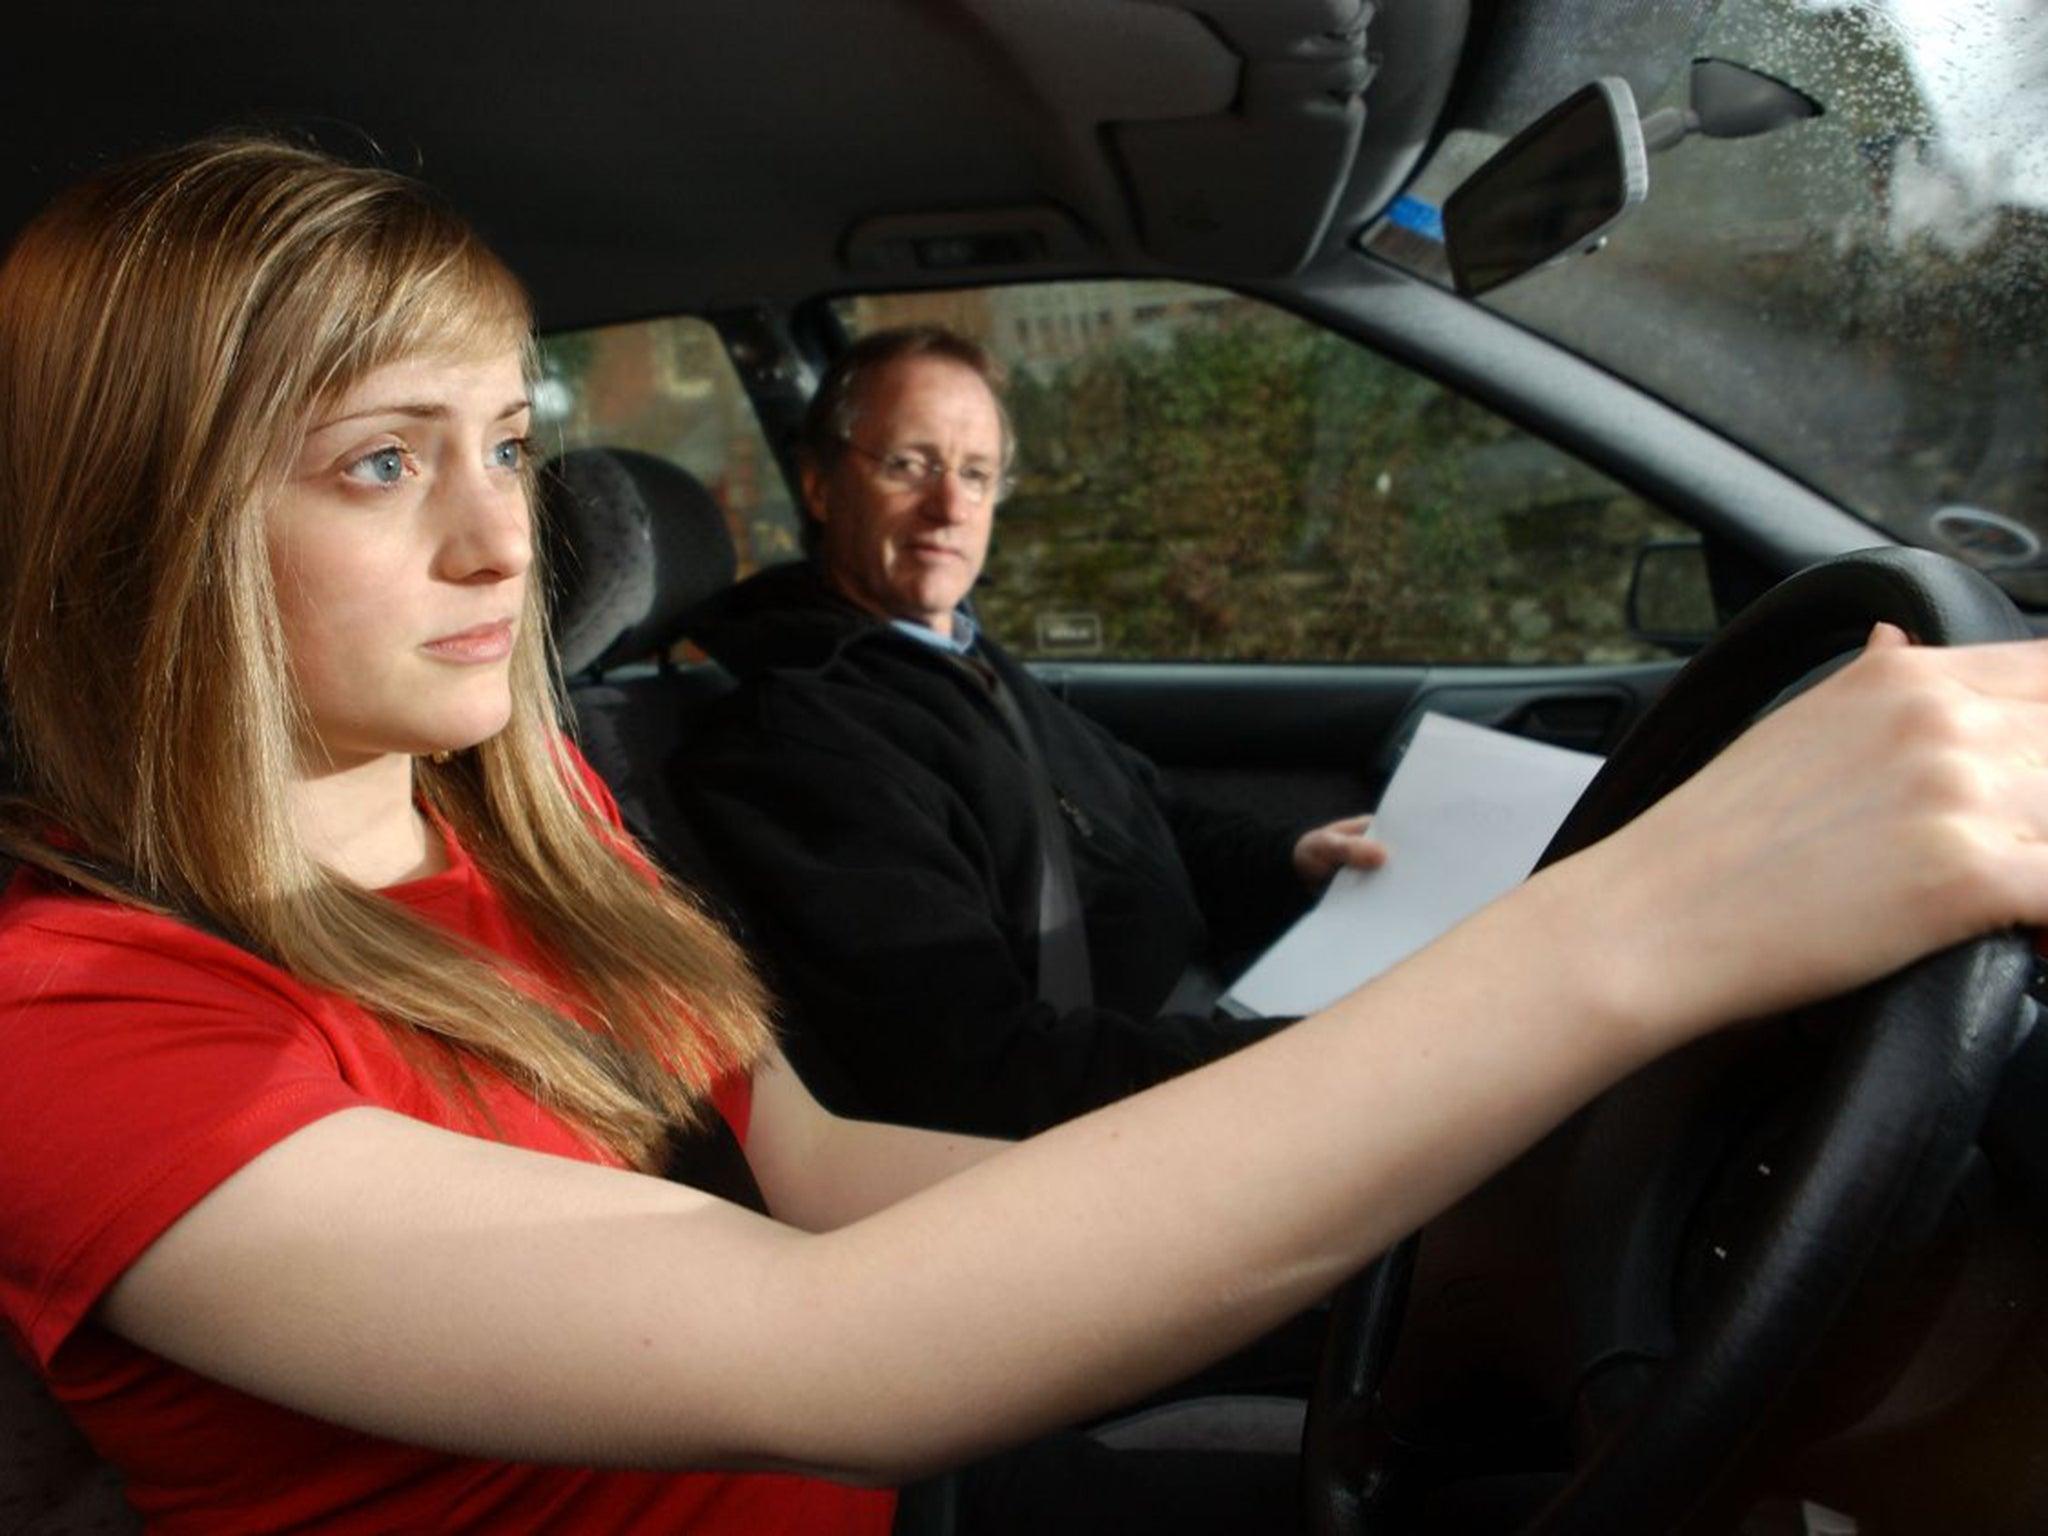 Смотреть порно с инструкторам по вождению 22 фотография